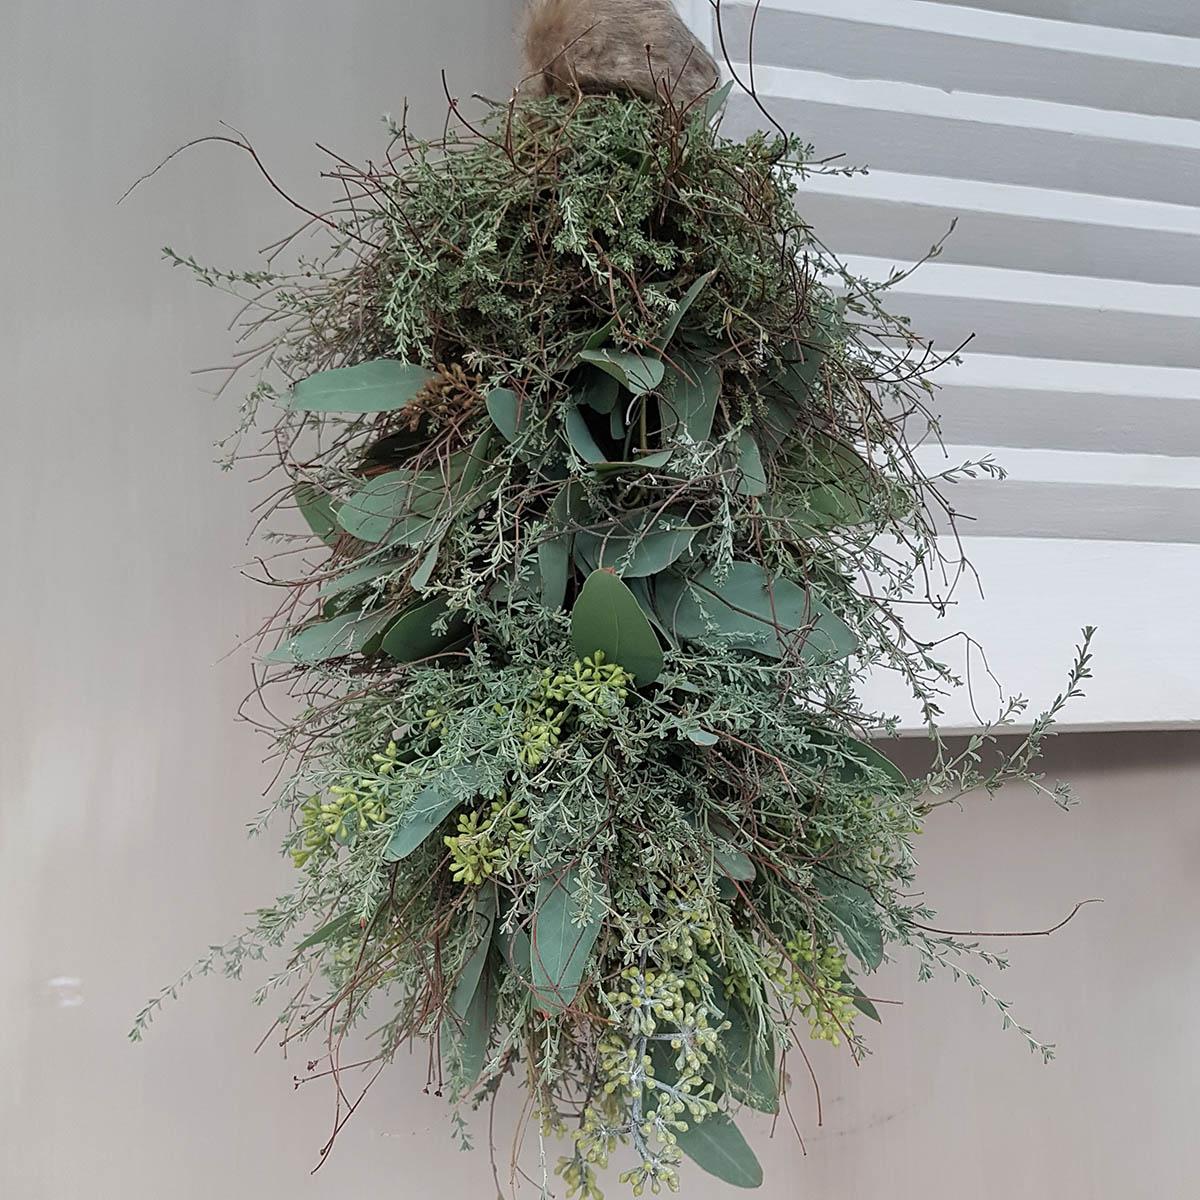 Foto met toef van mos, wilde thijm eucalyptus voor webshop Antérieur Authentique